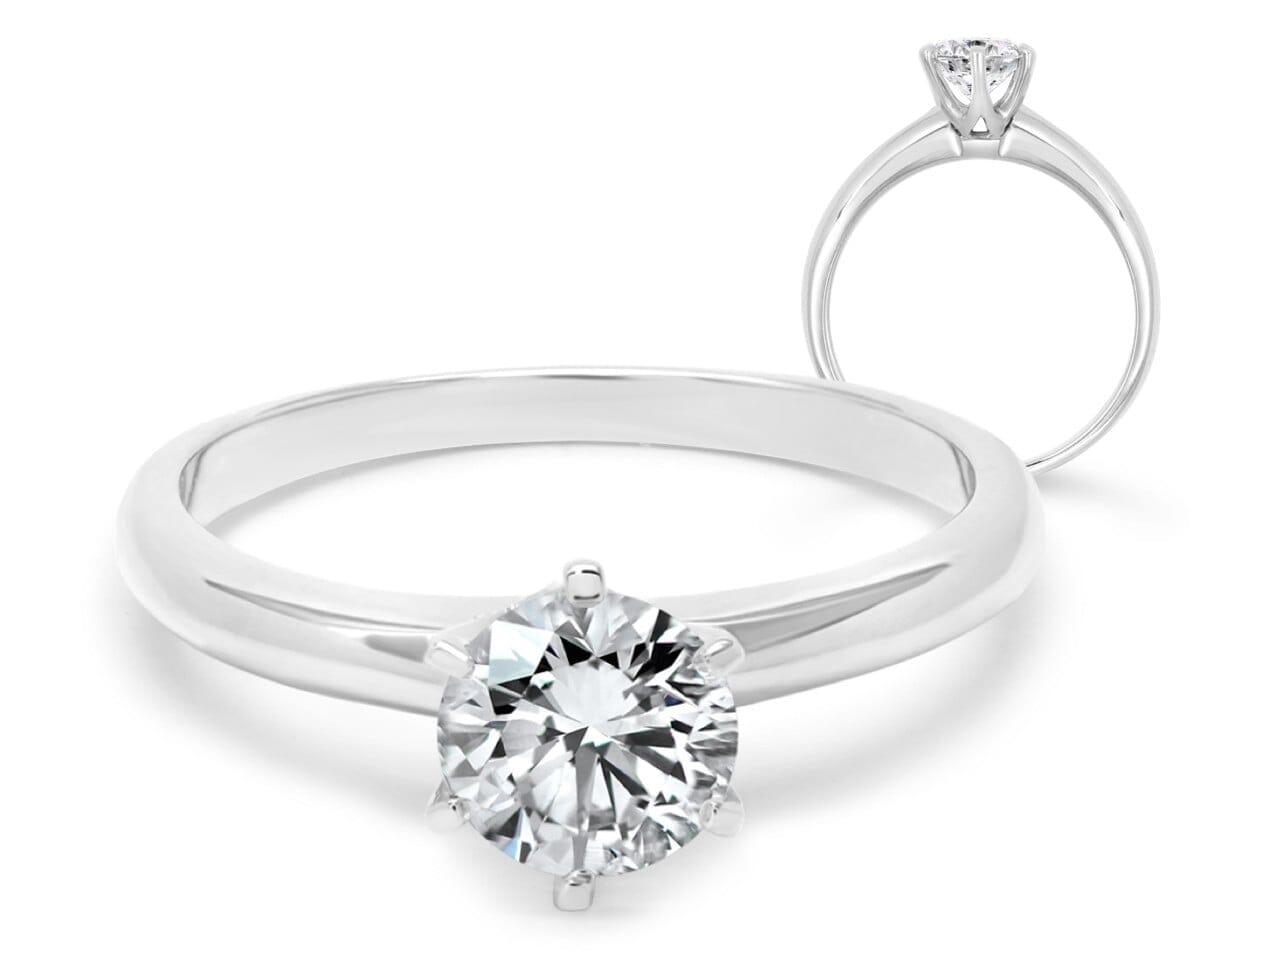 Klassische Verlobungsringe kaufen | BREEDIA